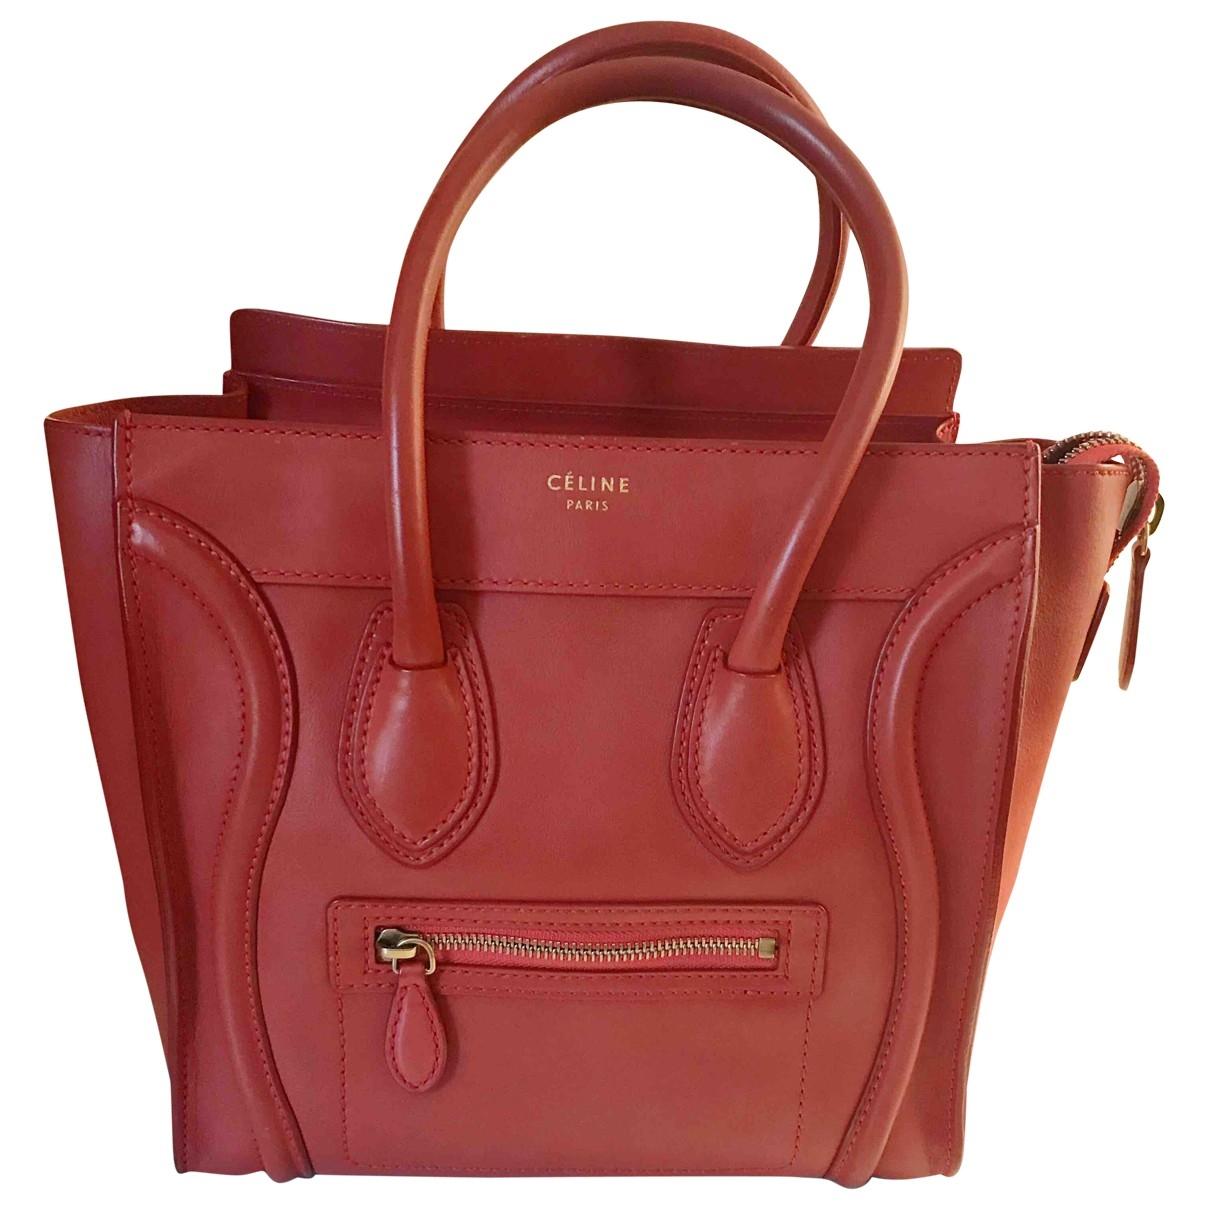 Celine Luggage Handtasche in  Rot Leder